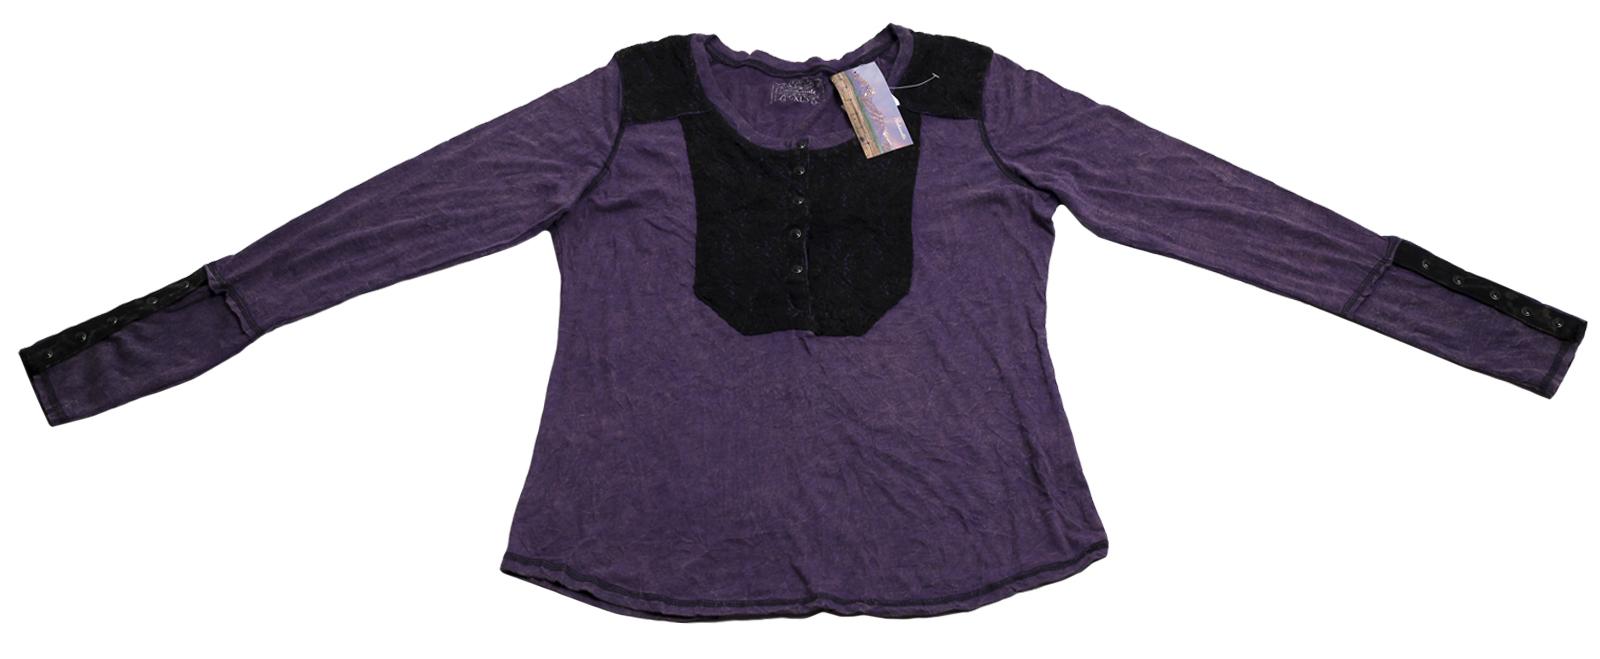 Практичная повседневная кофточка приятного лилового цвета бренда Panhandle